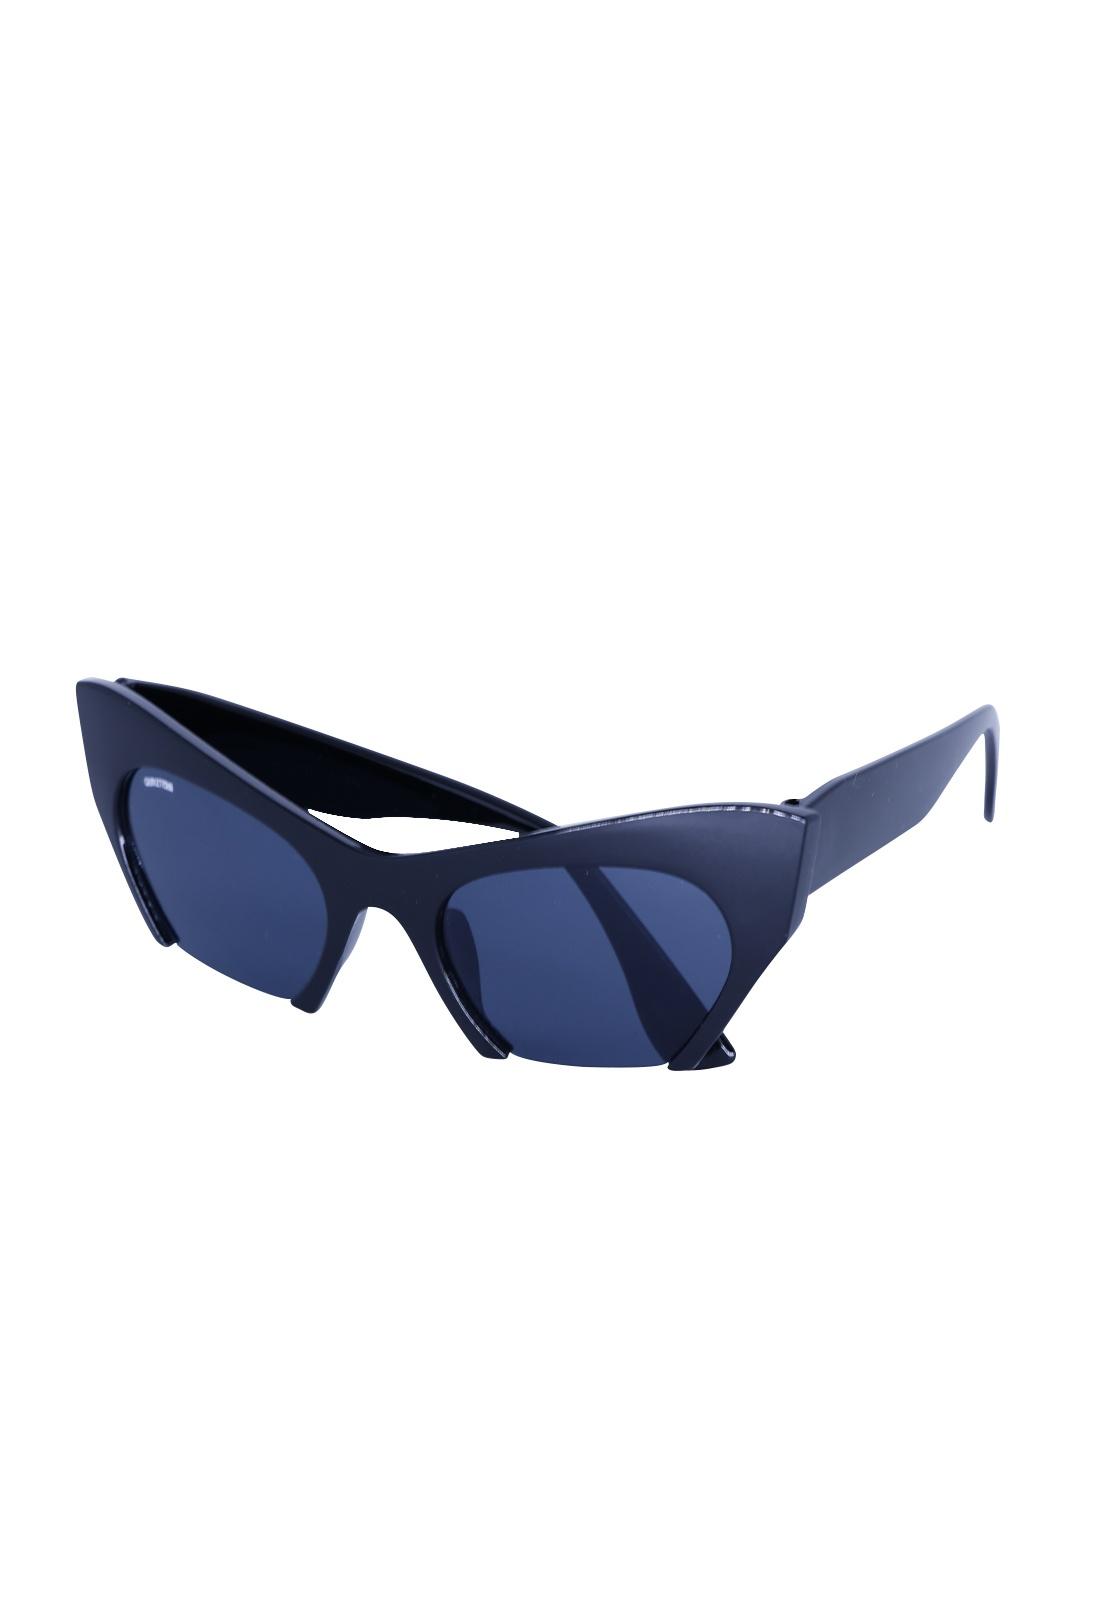 Óculos de Sol Grungetteria Optimus Preto